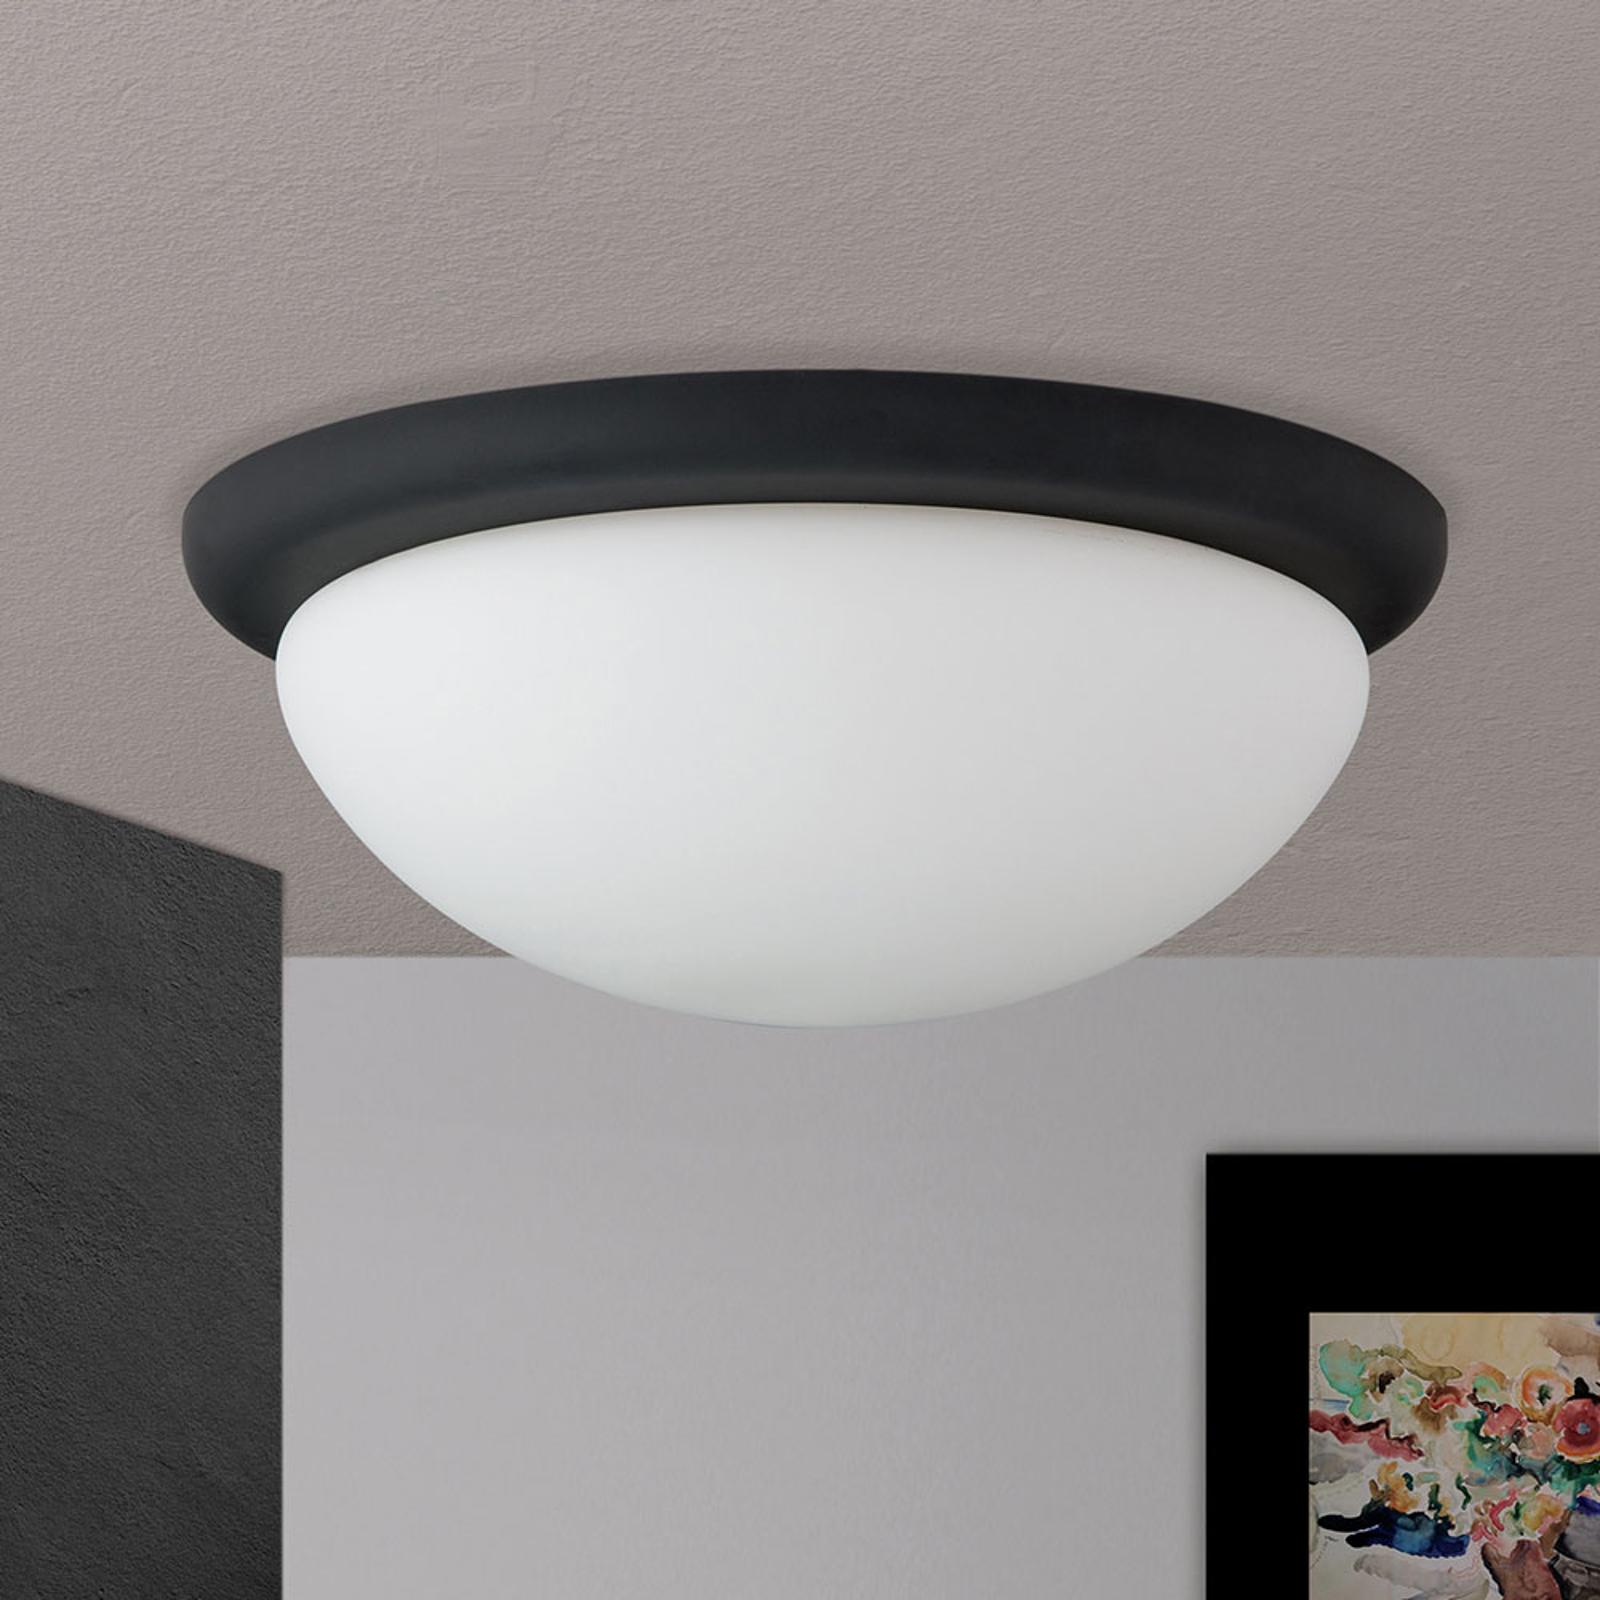 Lampa sufitowa Classico, czarna/biała, Ø 38 cm